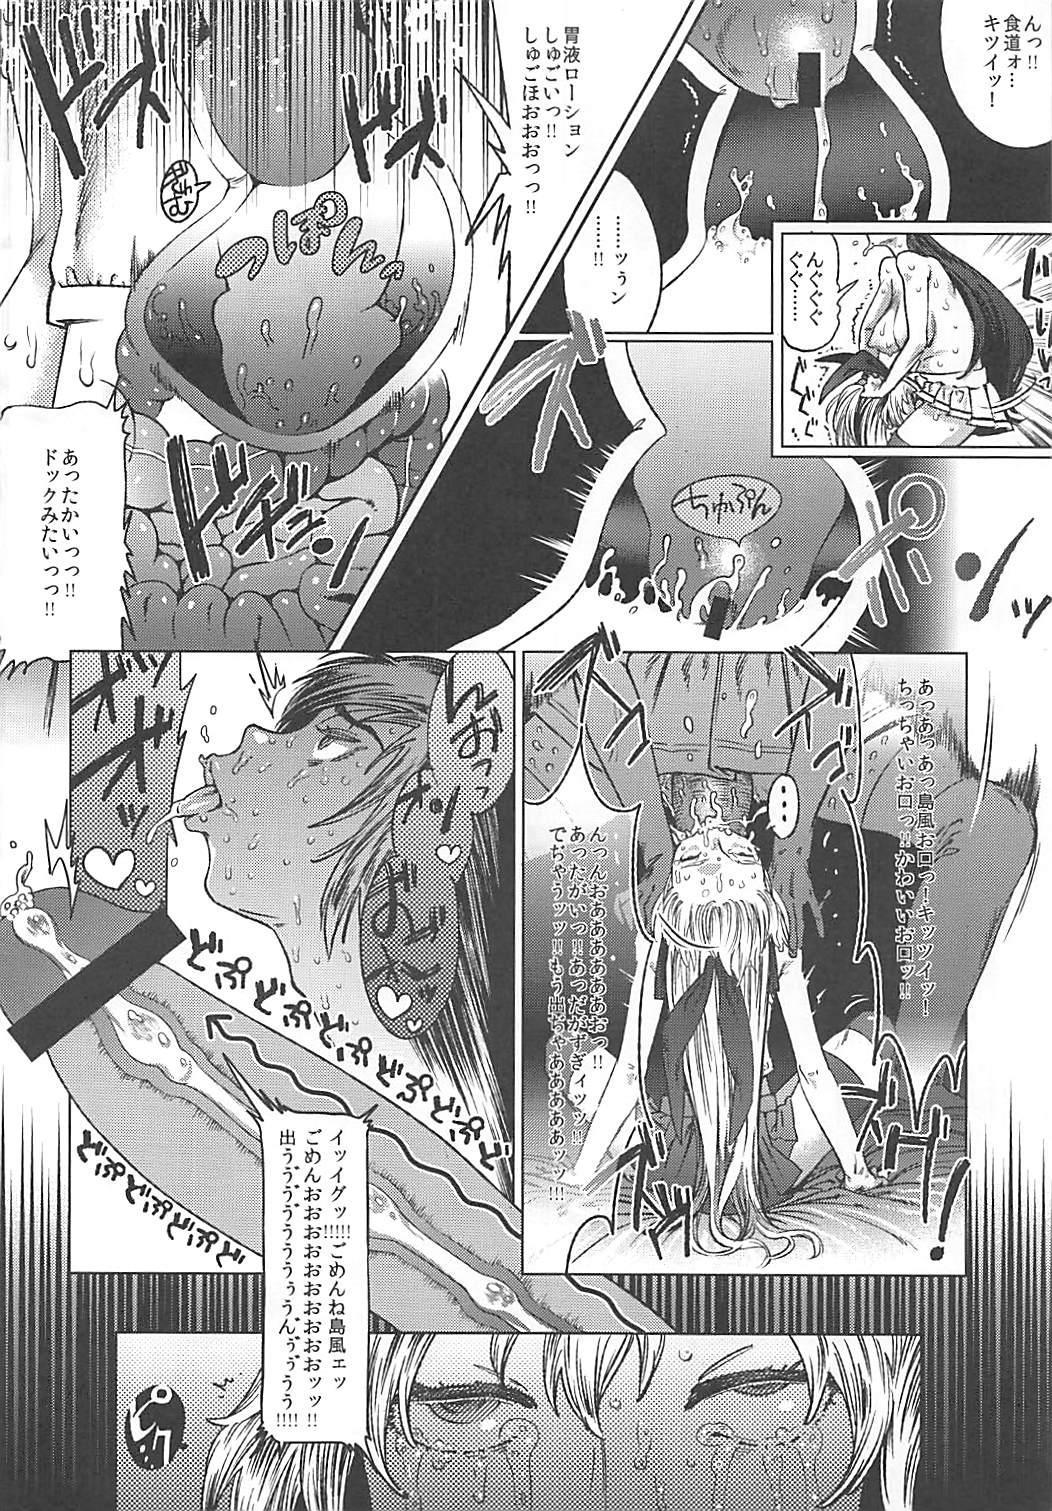 Oogata Senkan Senyou Ian-gata Kuchikukan Shimakaze 10